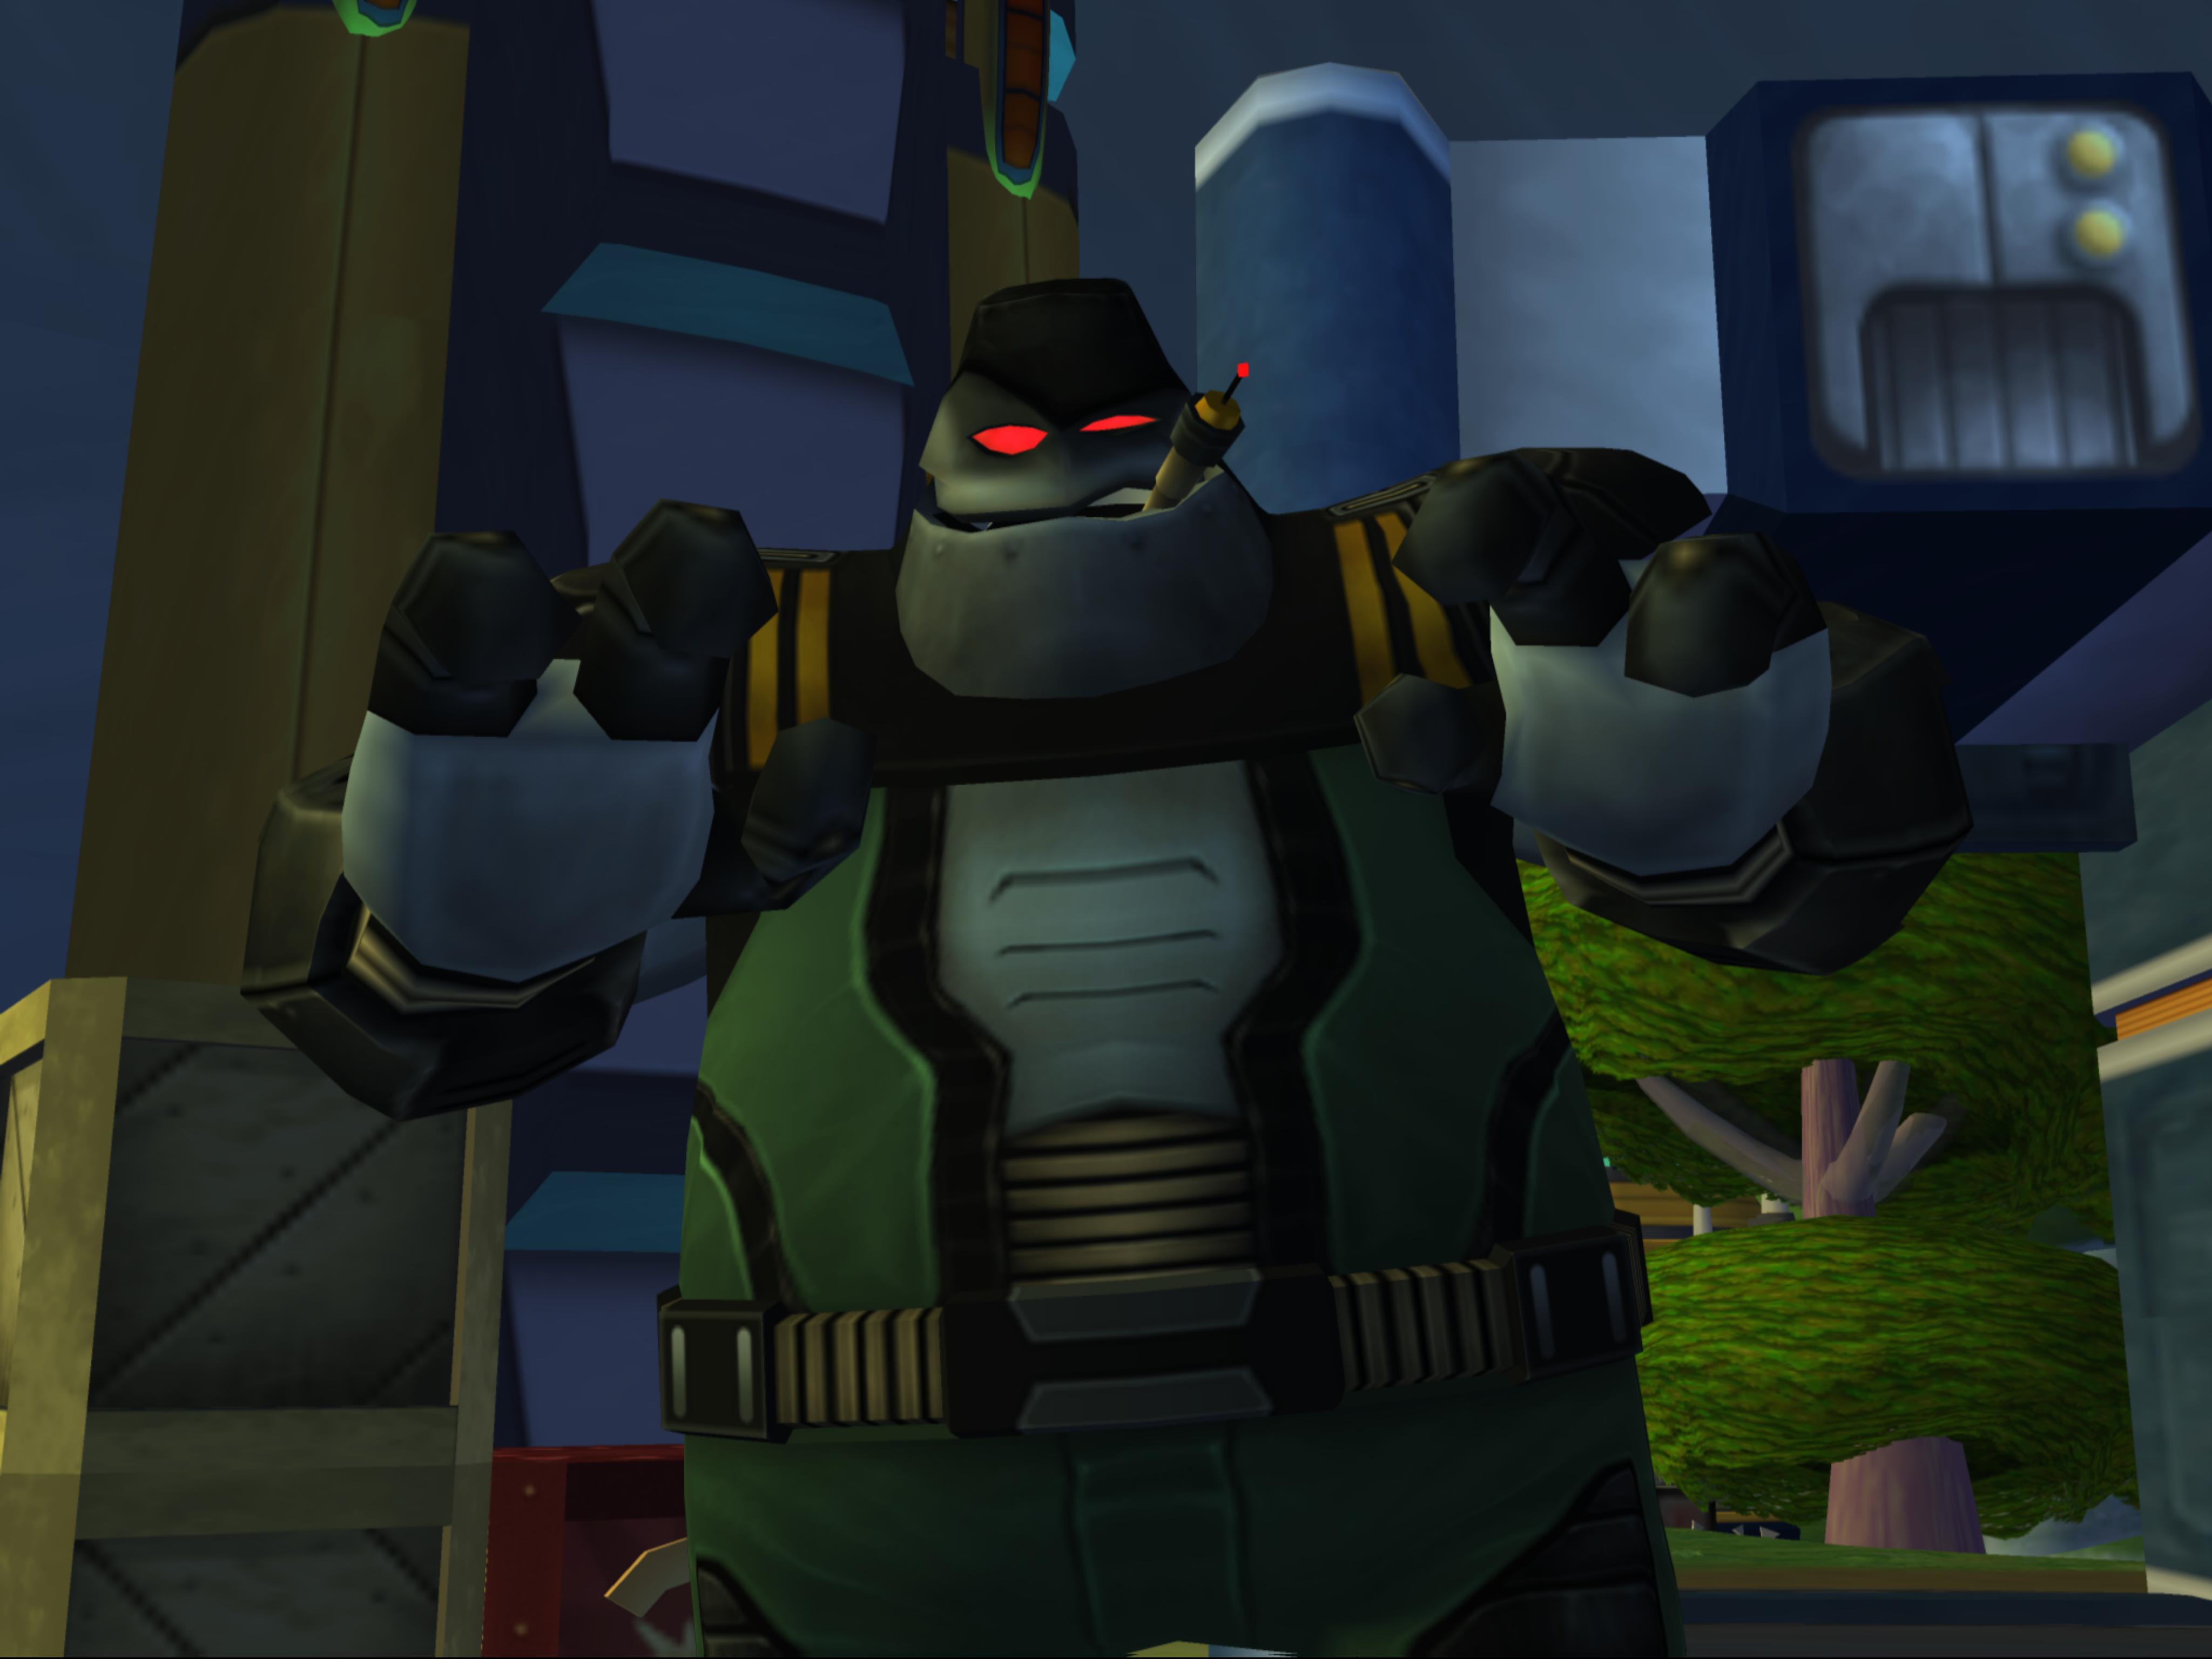 Robot Lieutenant